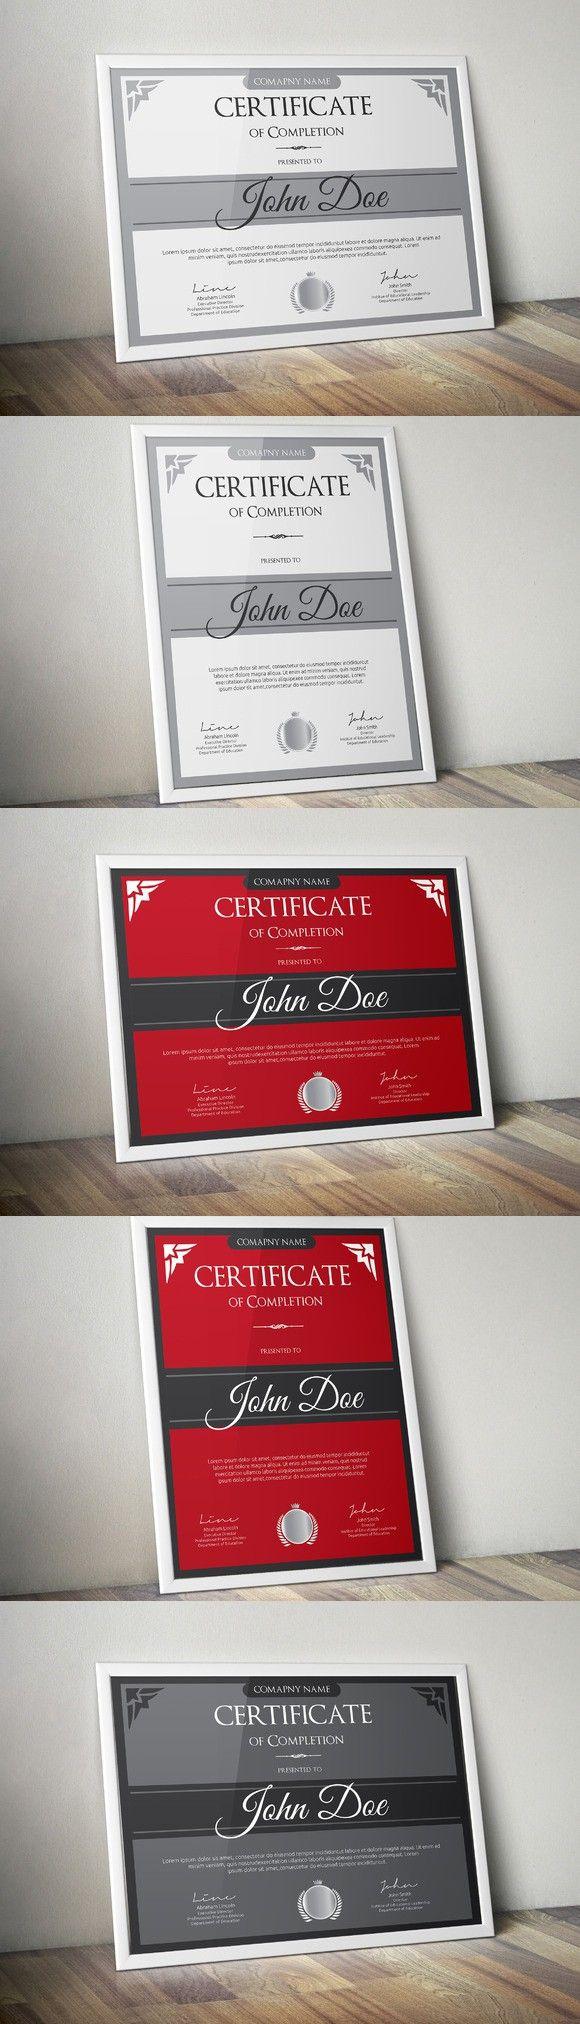 7 besten certificates Bilder auf Pinterest | Zertifikatvorlagen ...